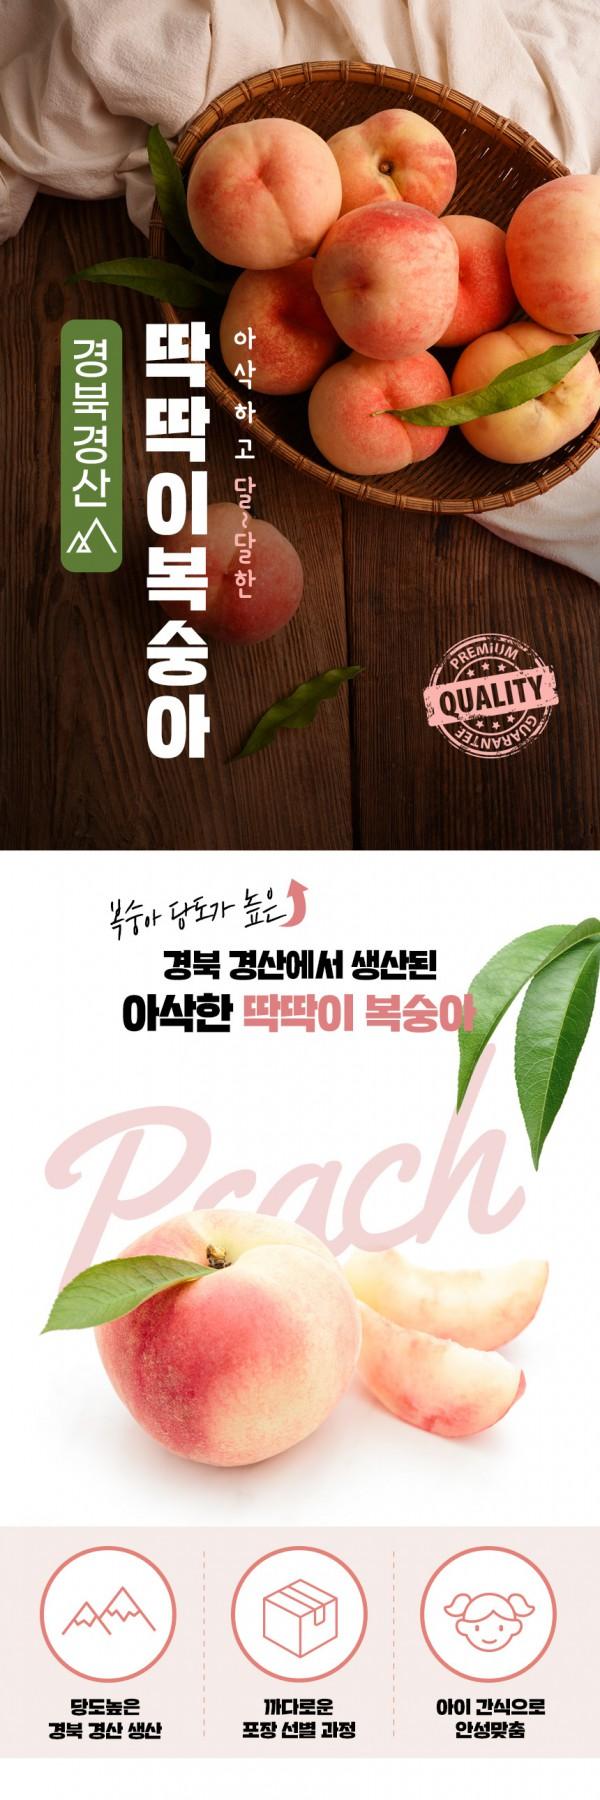 [T011]과일 복숭아 상세페이지 + 제품촬영